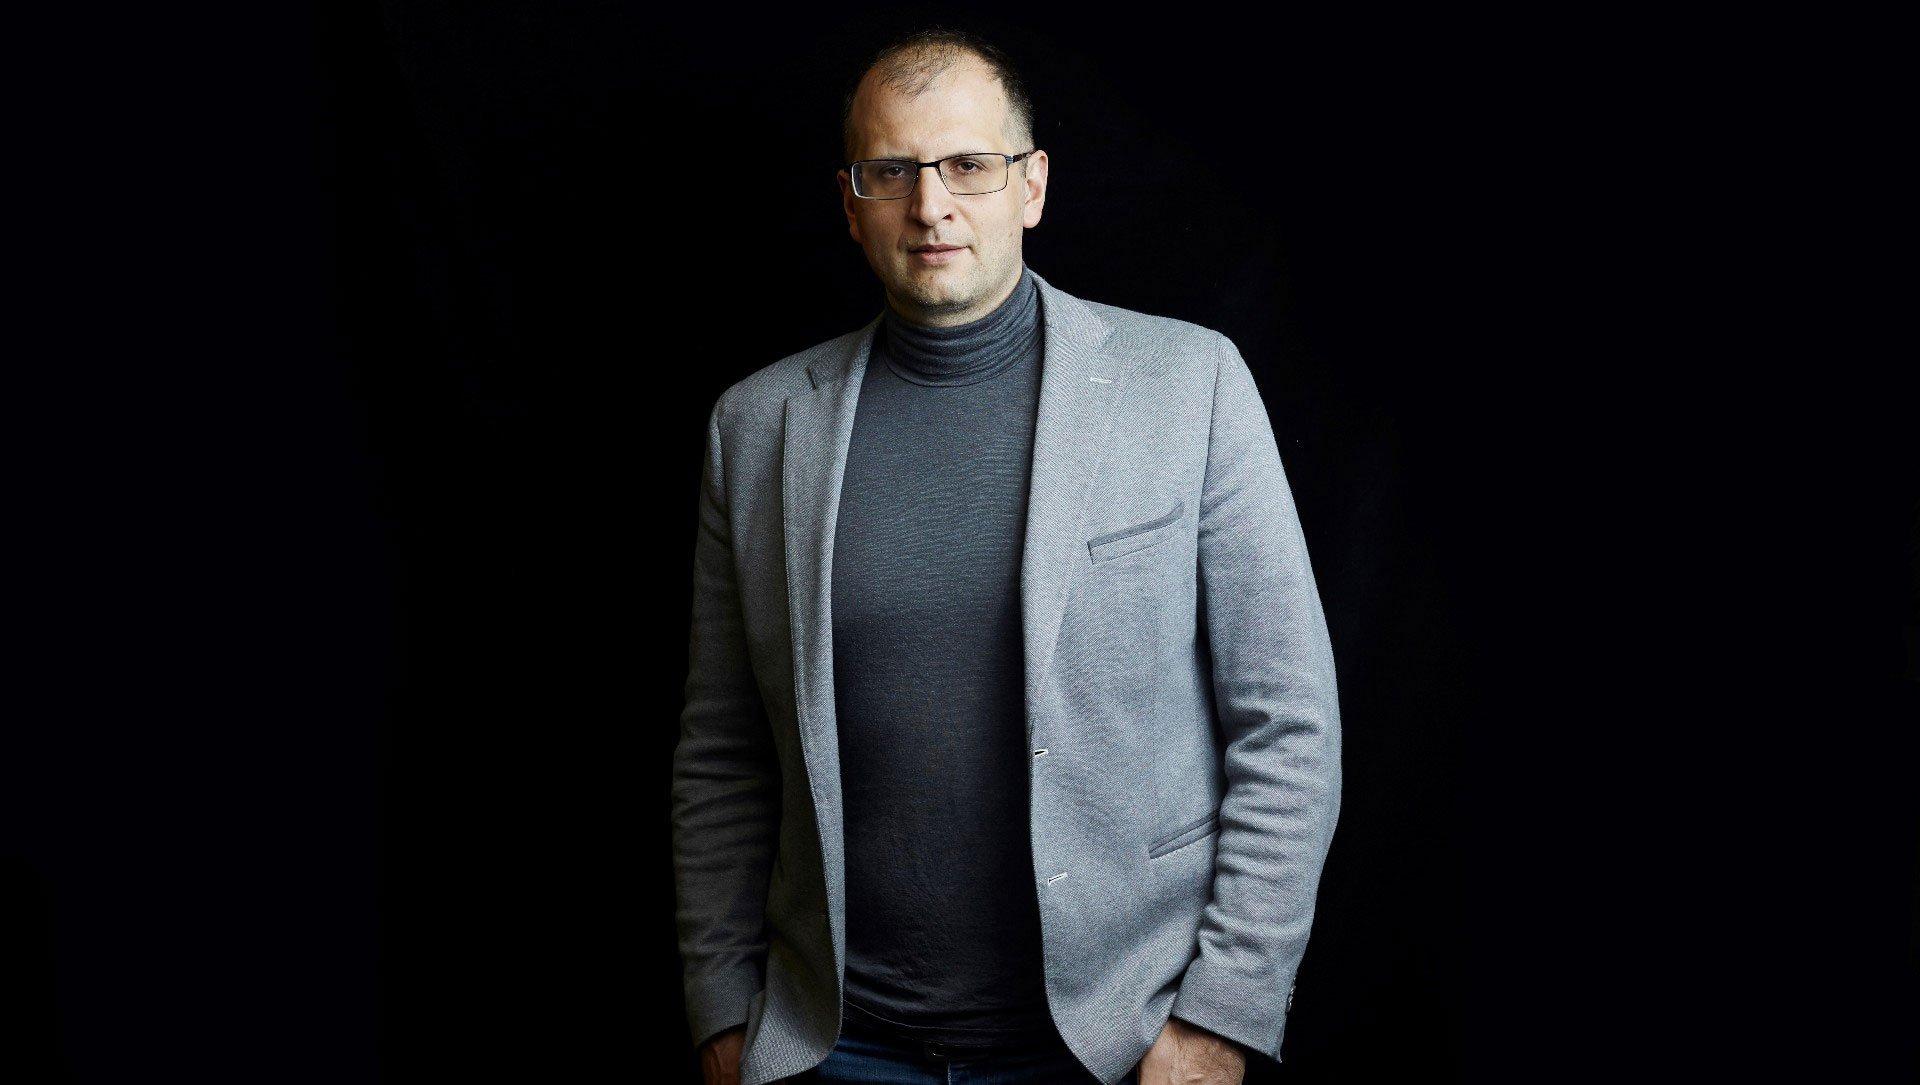 Руководитель русского AliExpress весной покинет собственный пост